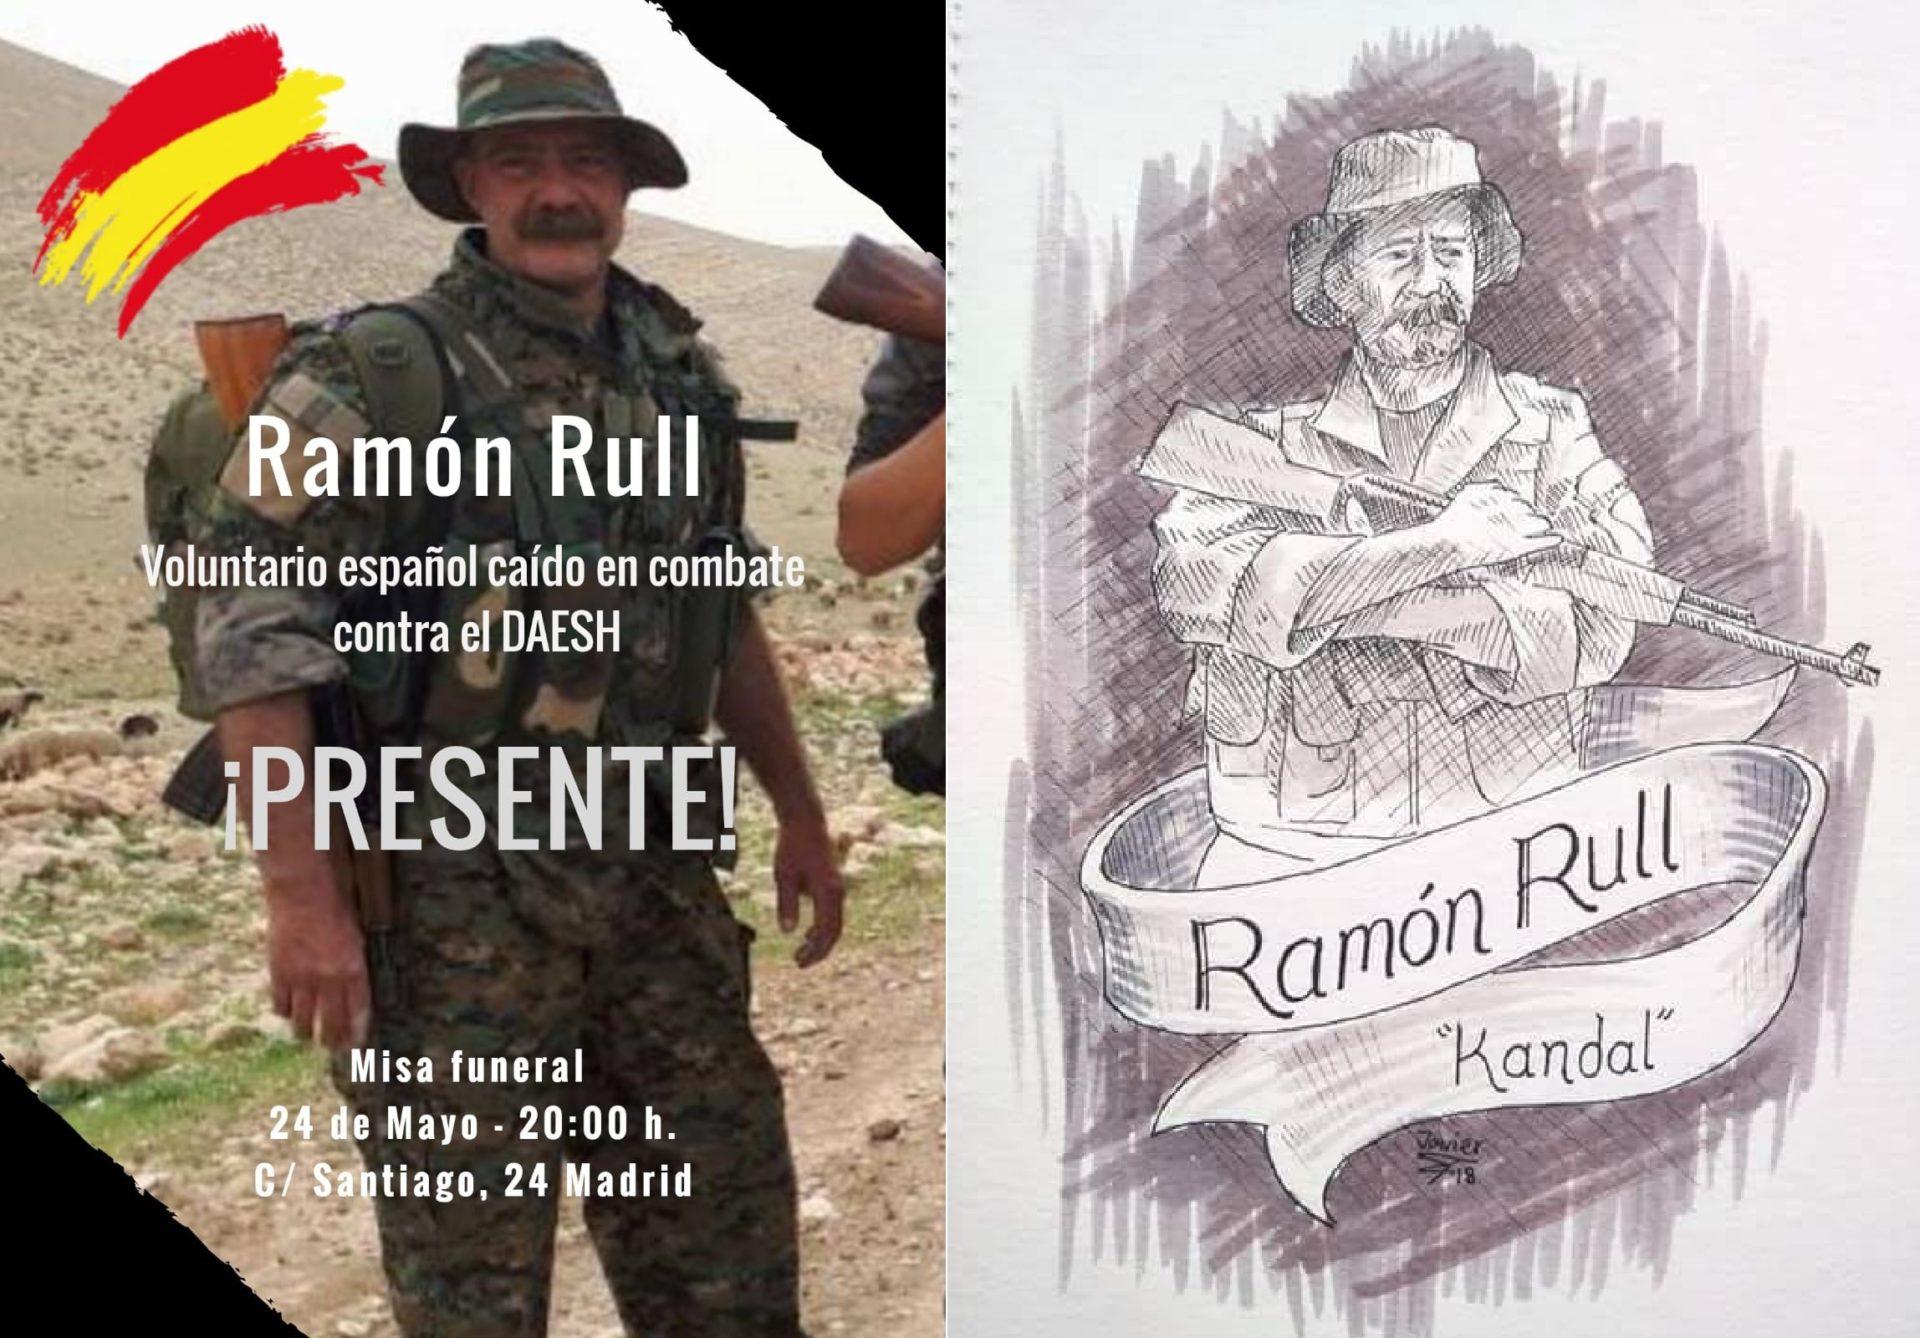 Jueves 24: Misa en Madrid por Ramón Rull: caído combatiendo el DAESH en Siria